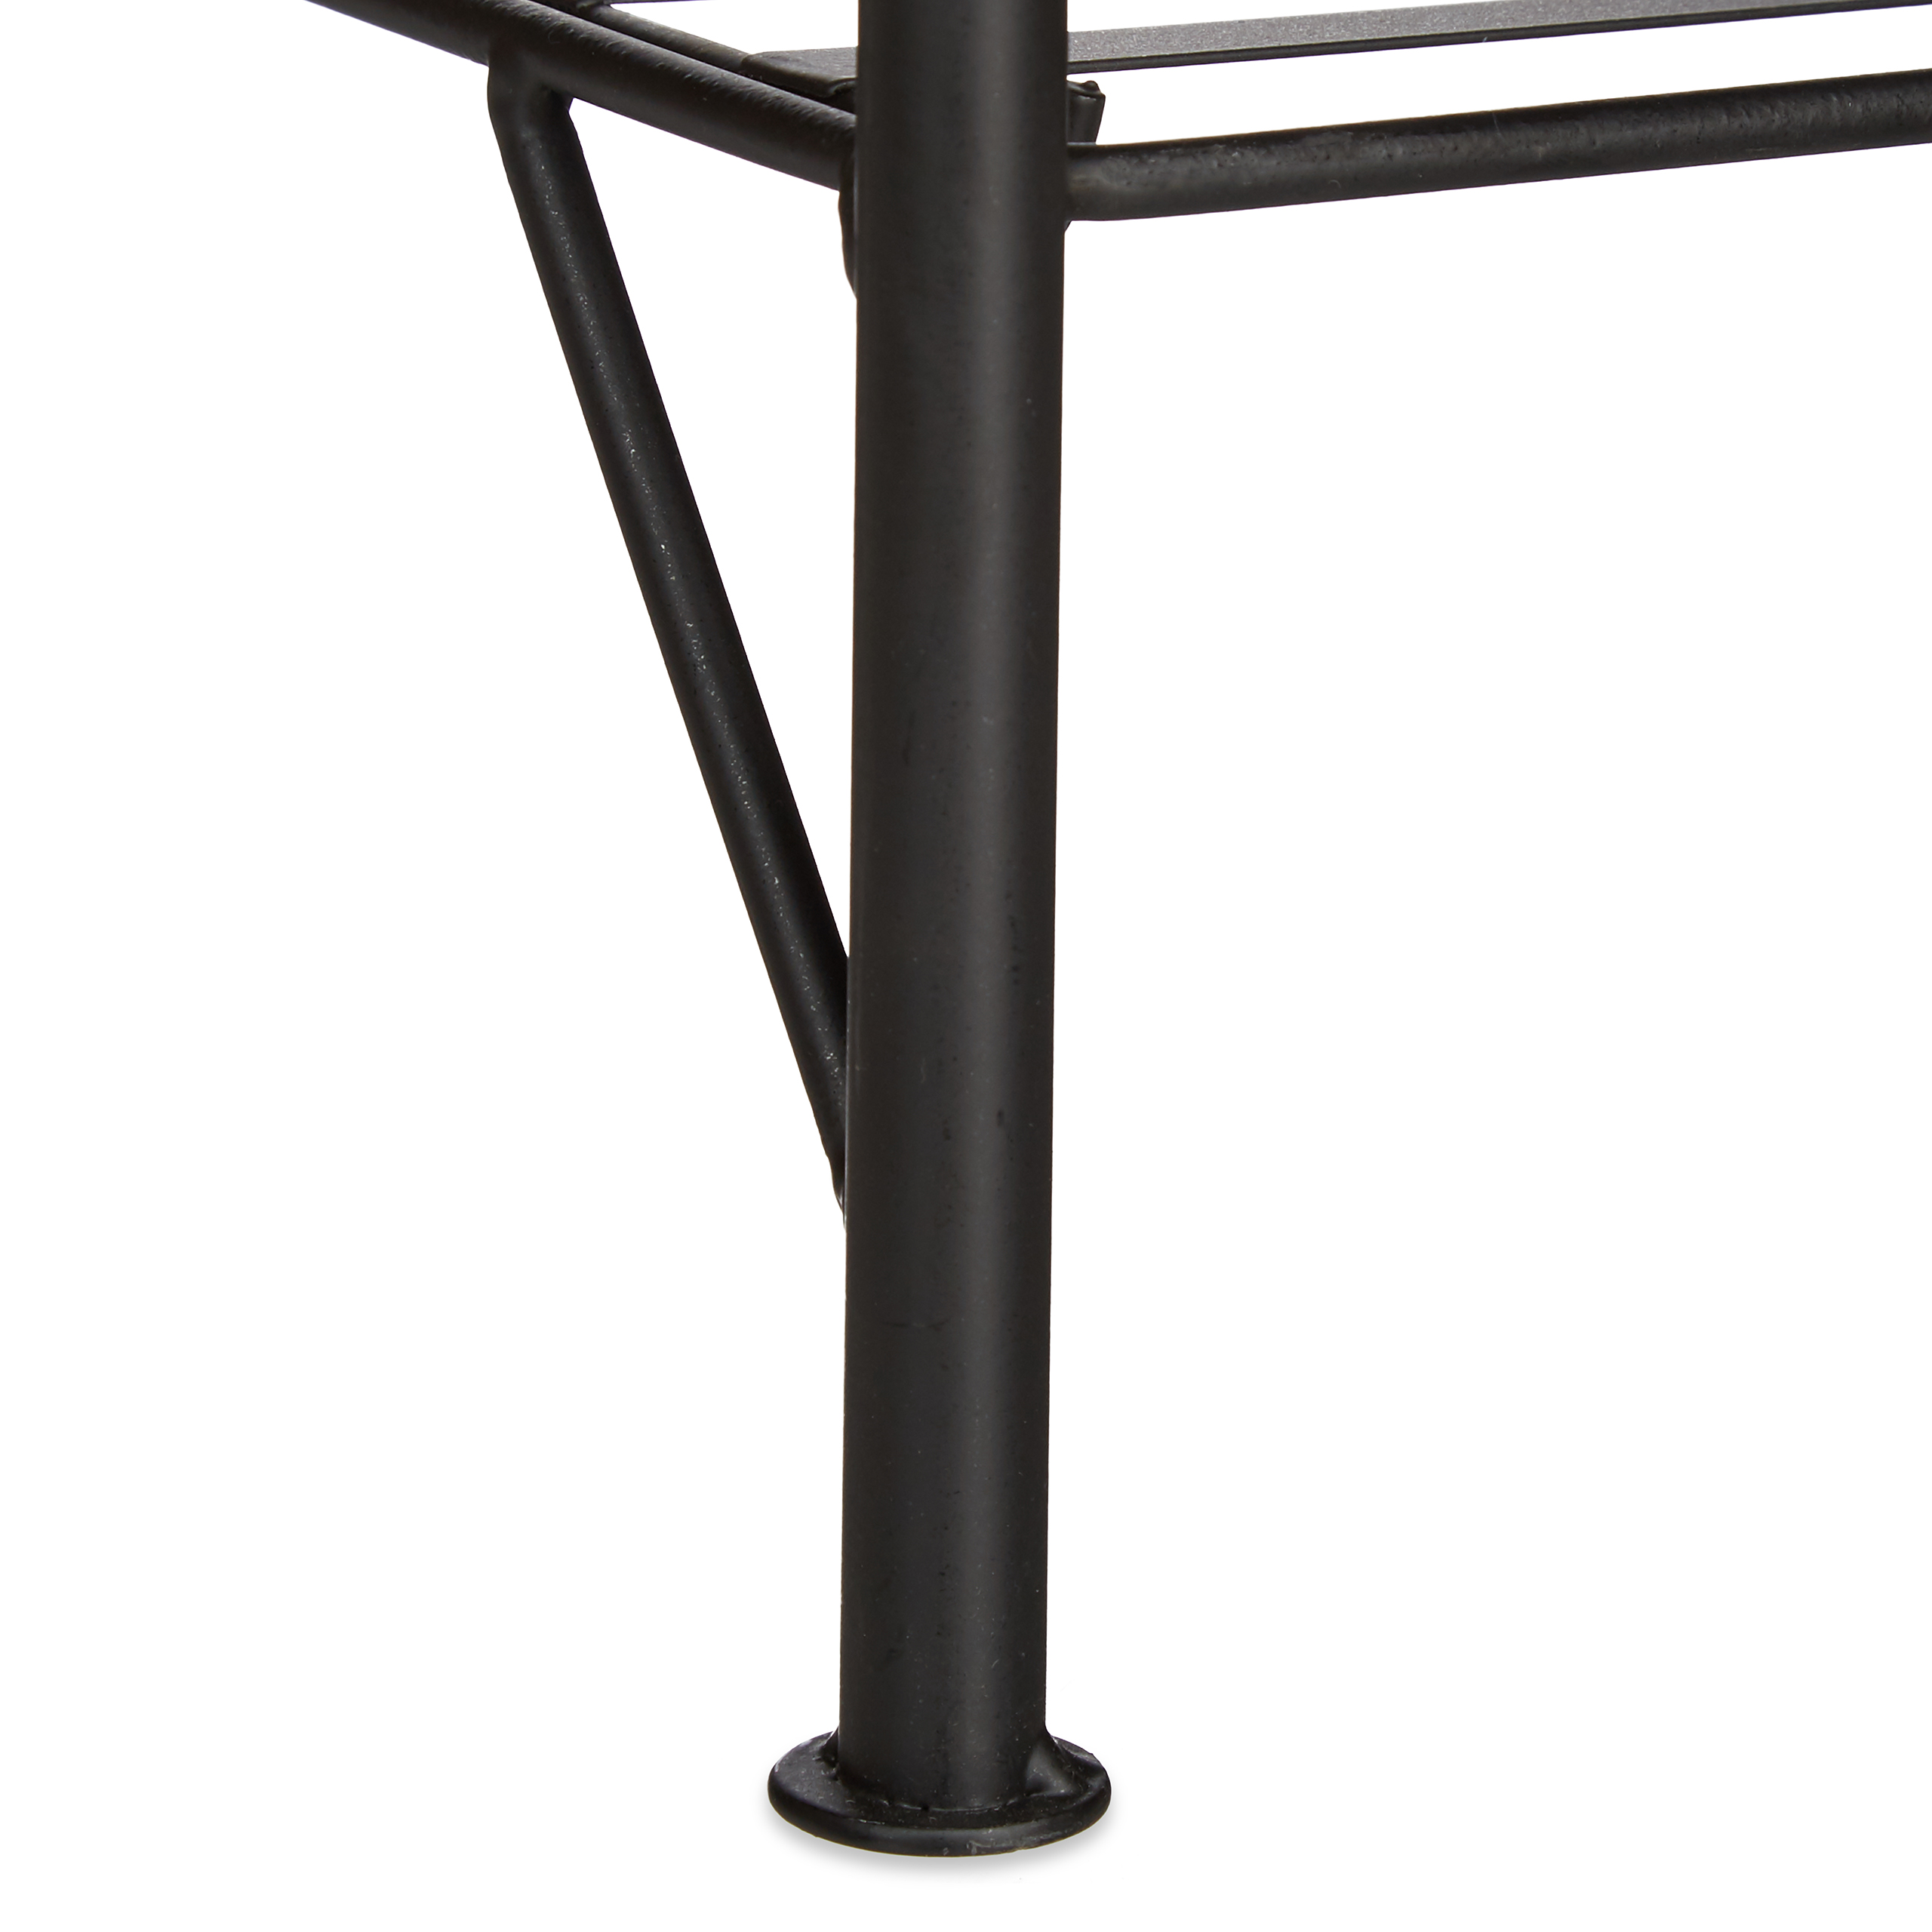 blumenregal metall 4 ablagen blumenbank pfanzenregal schwarz blumenst nder ebay. Black Bedroom Furniture Sets. Home Design Ideas